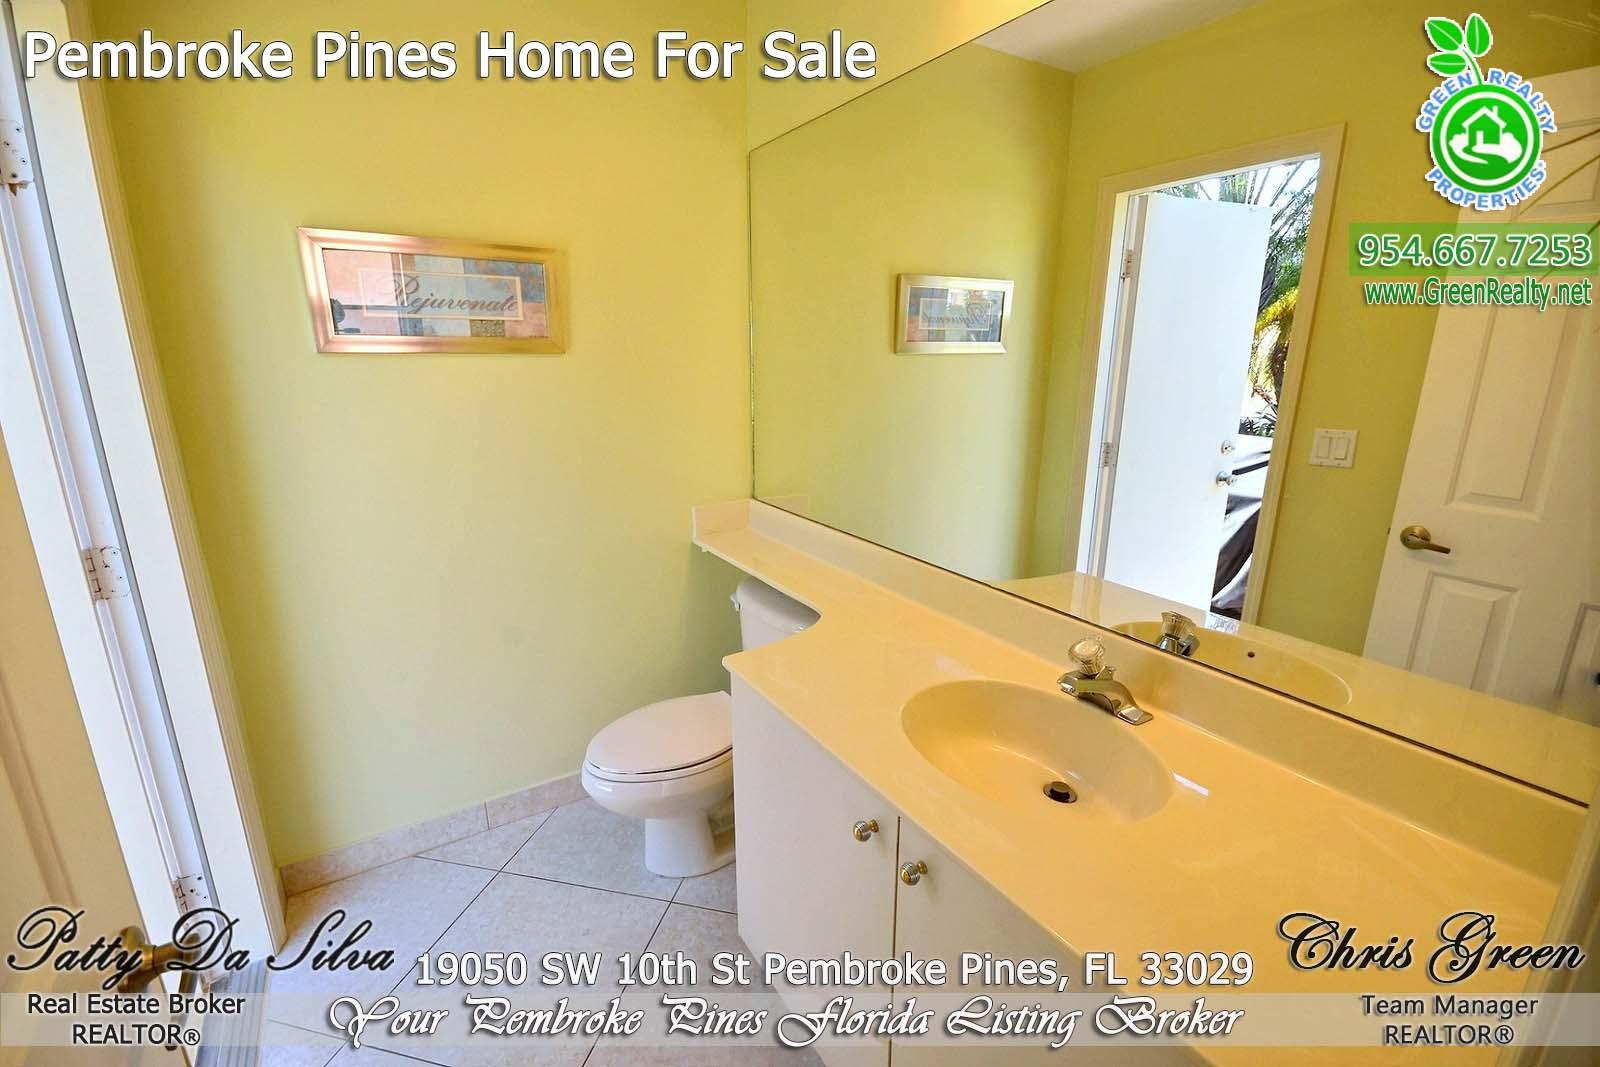 23 Patty Da Silva SELLS Pembroke Pines Homes (2)